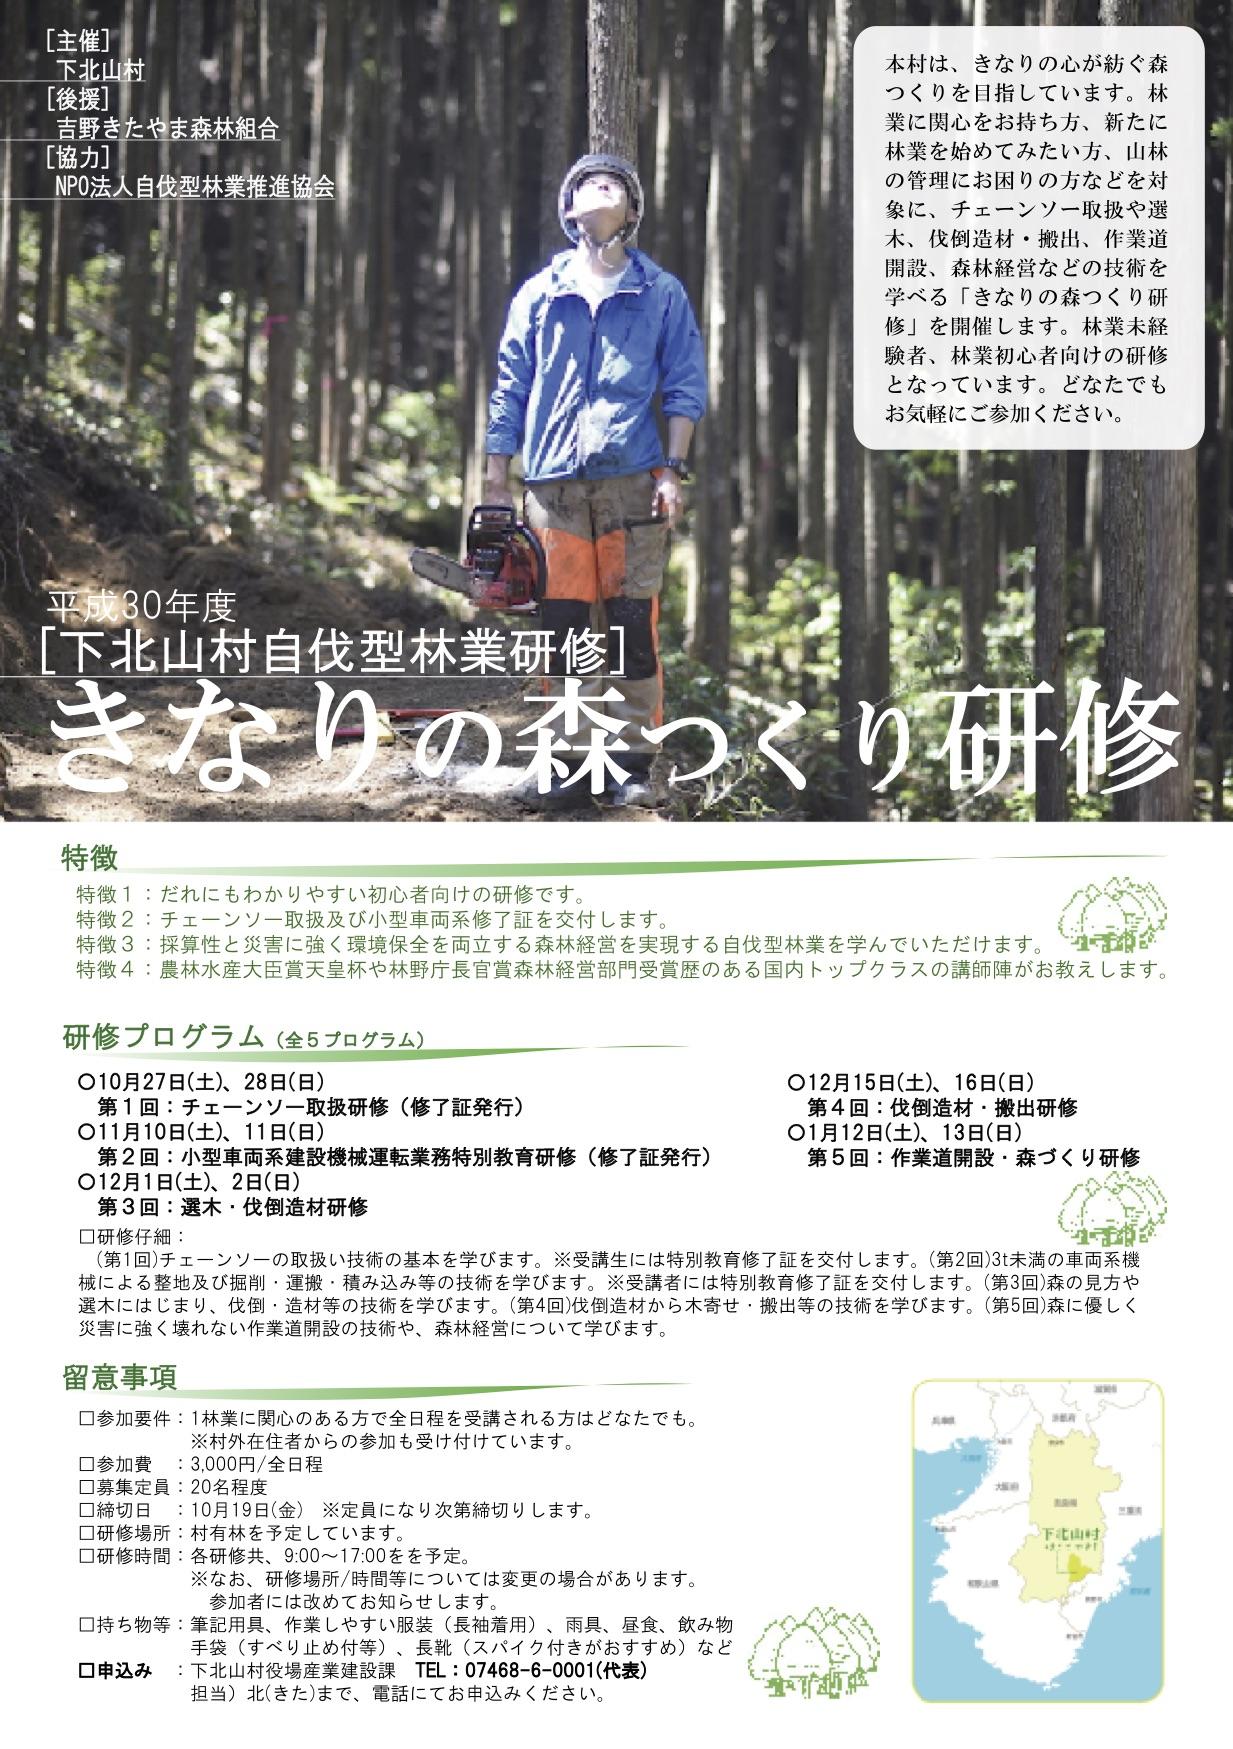 奈良県下北山村にて自伐型林業研修がおこなわれます